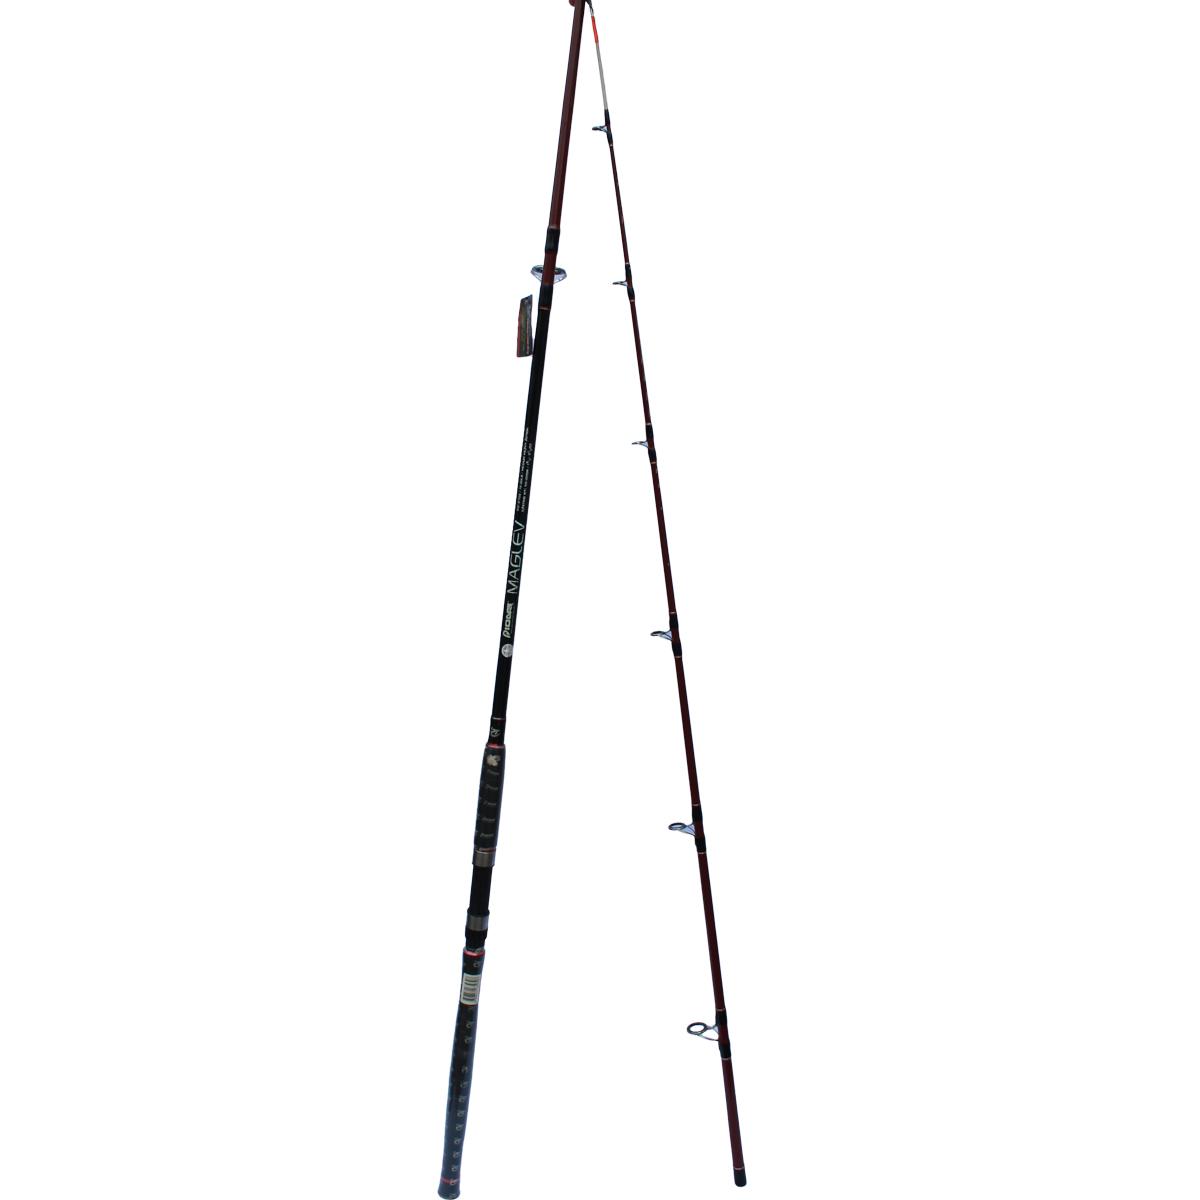 Cần Câu Máy Hai Khúc Pioneer Maglev 2m7Cần Phổ Thông